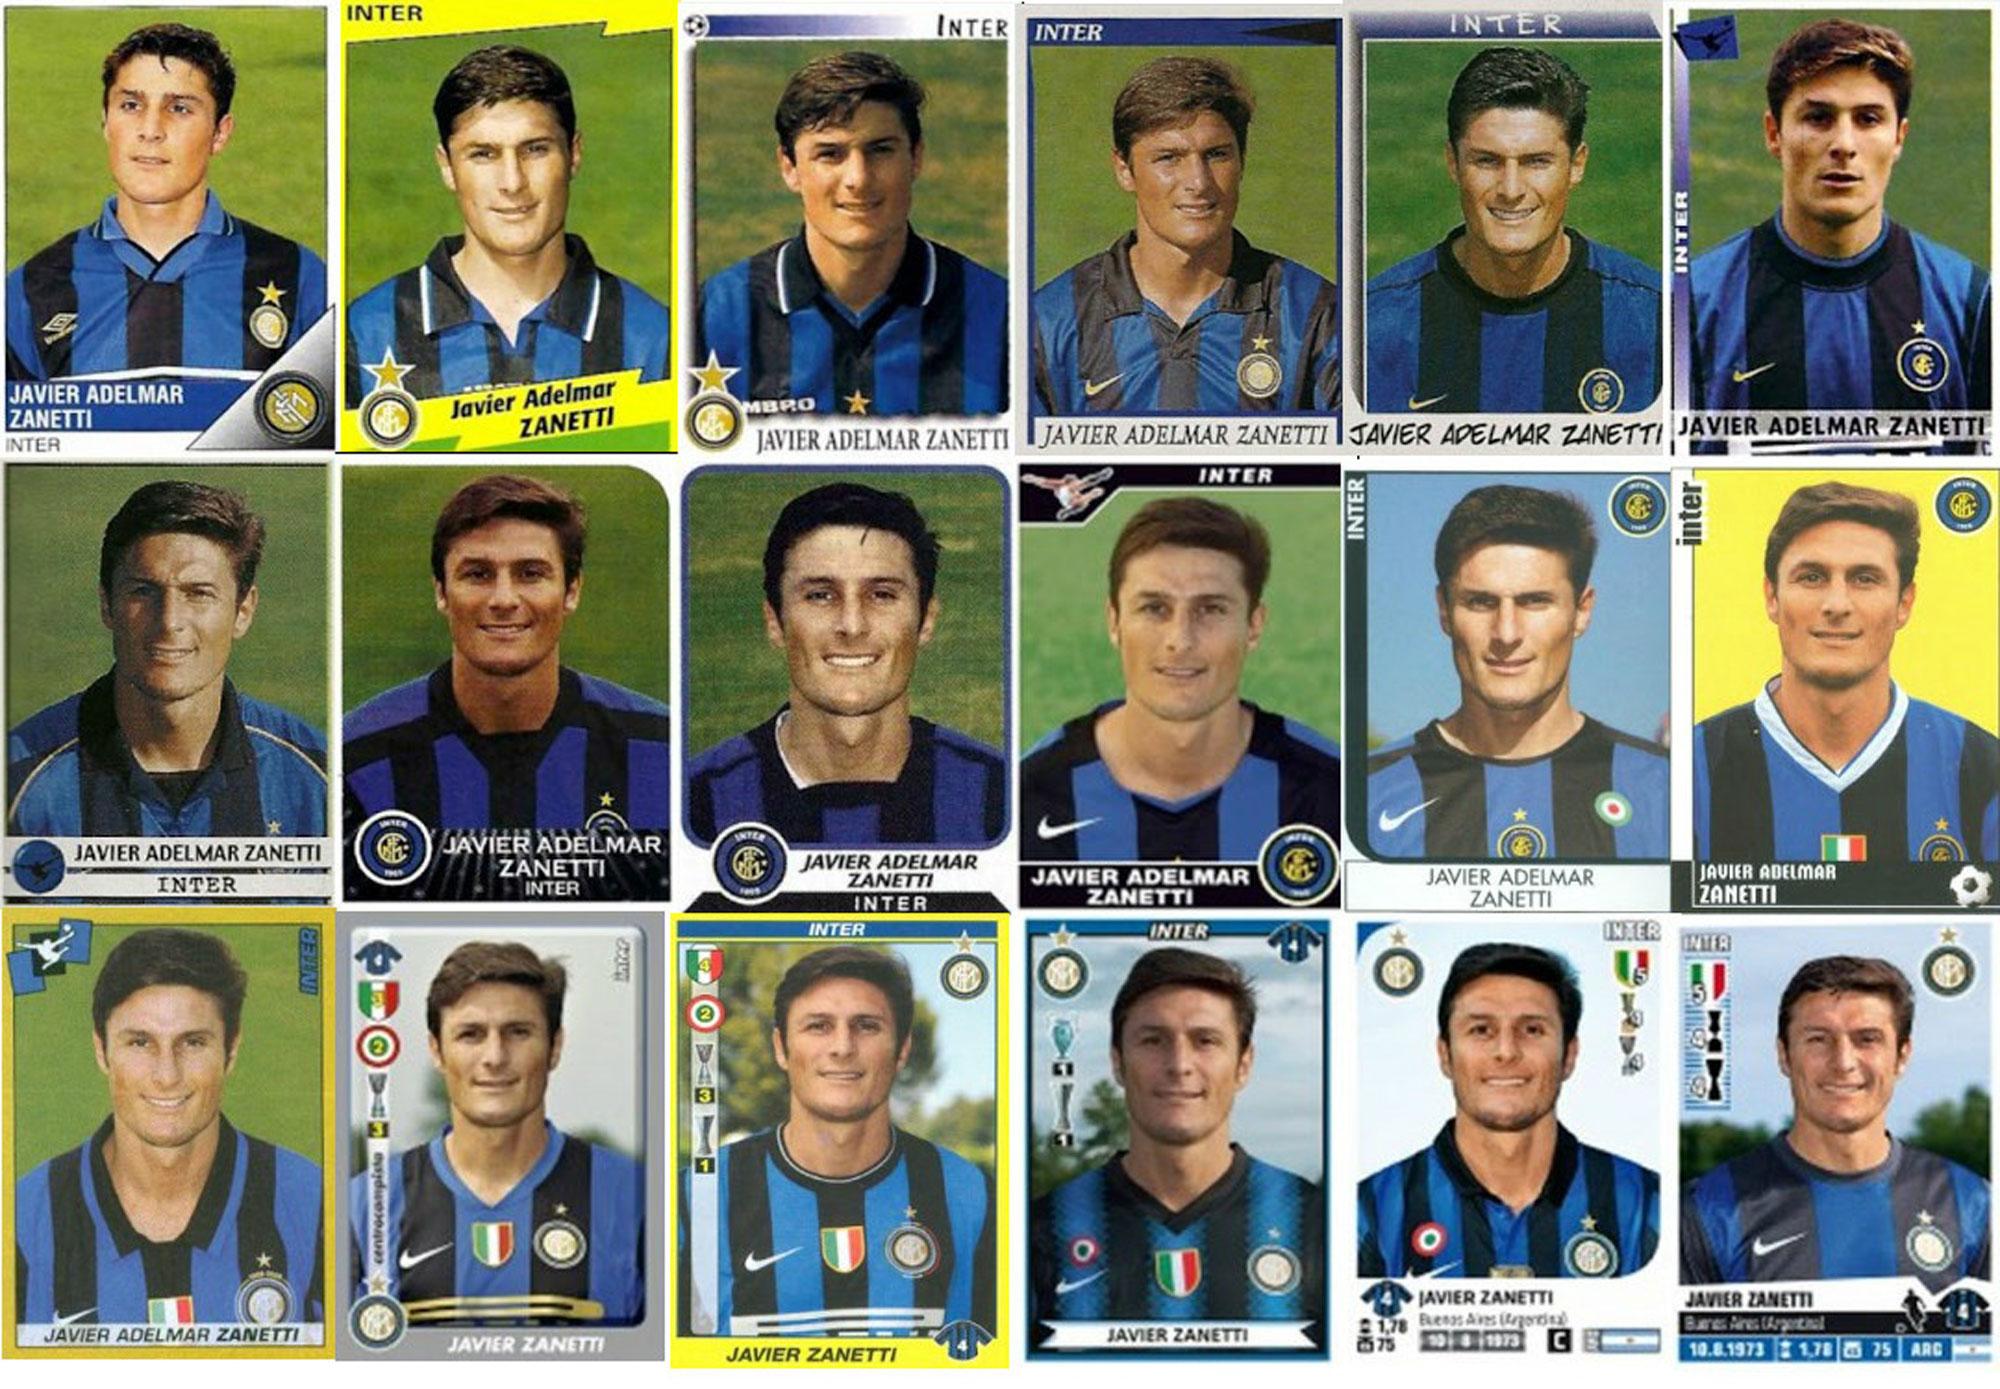 Todos los cromos de Zanetti en el Inter